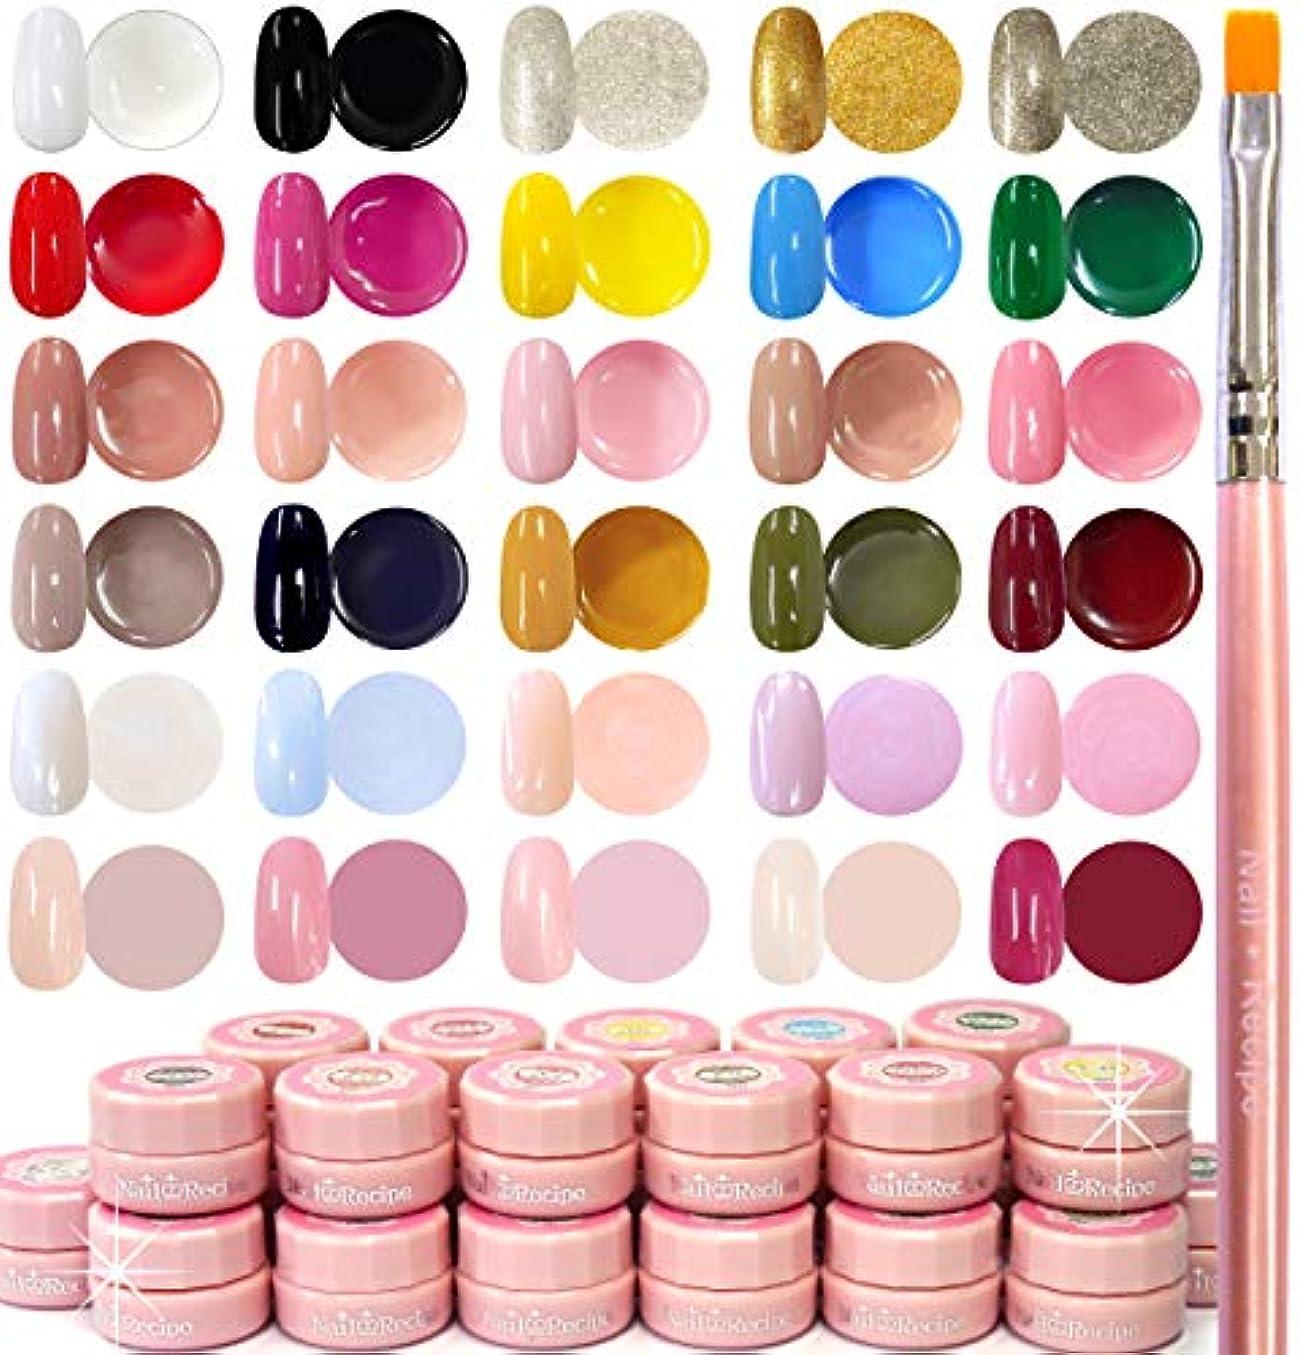 トラフィック製造ラウズNail Recipe(ネイルレシピ) カラージェル ジェルネイル カラー ジェル セット 30色 ジェルネイルキット ネイルアートジェル ネイル セルフネイルキット 発色抜群 (30色カラージェルset)